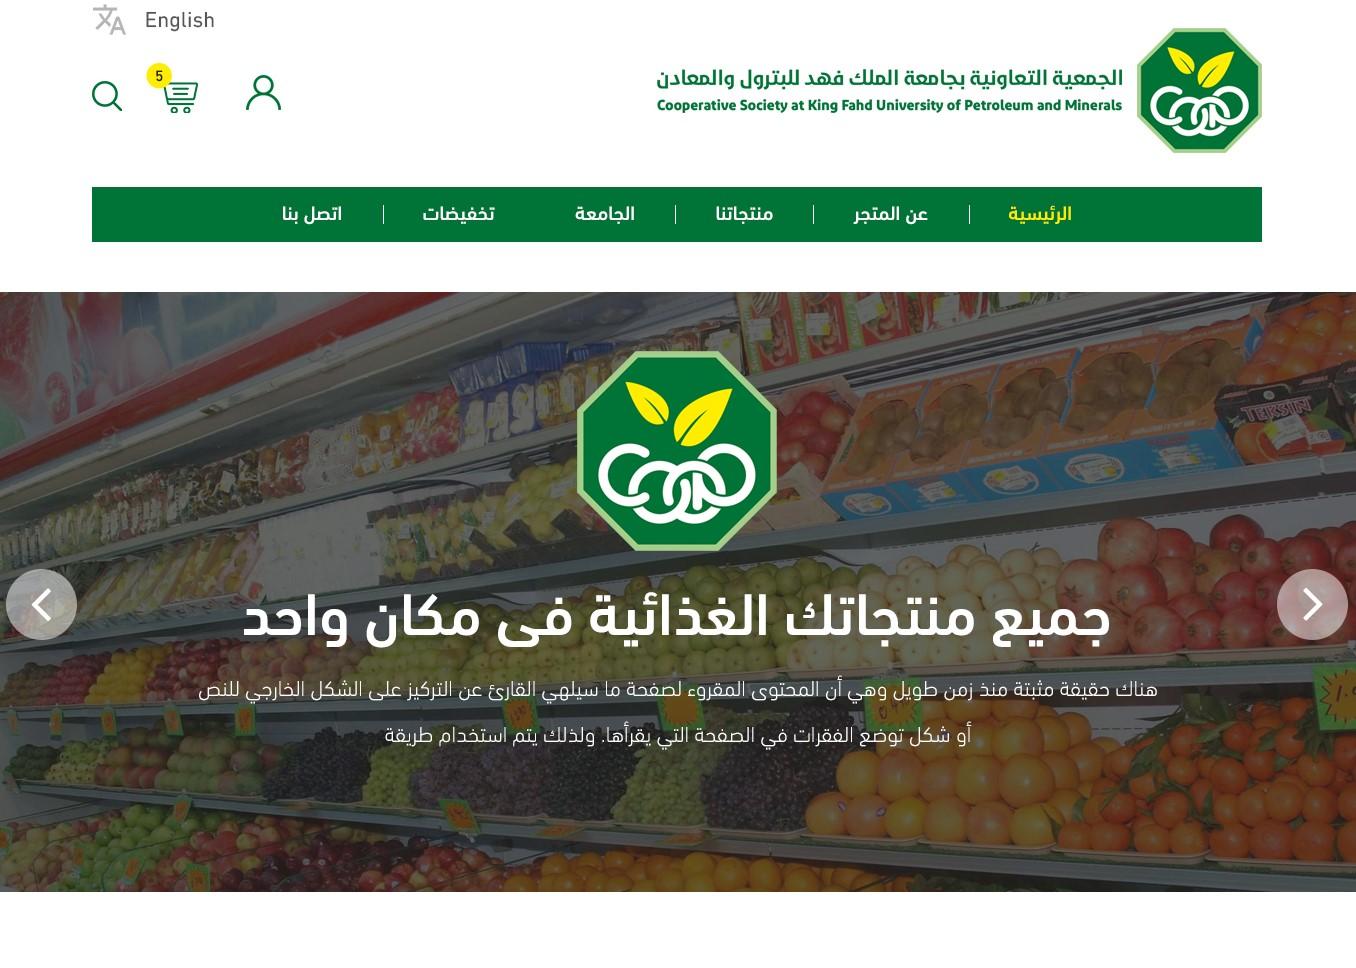 متجر الجمعية التعاونية بجامعة الملك فهد للبترول و المعادن